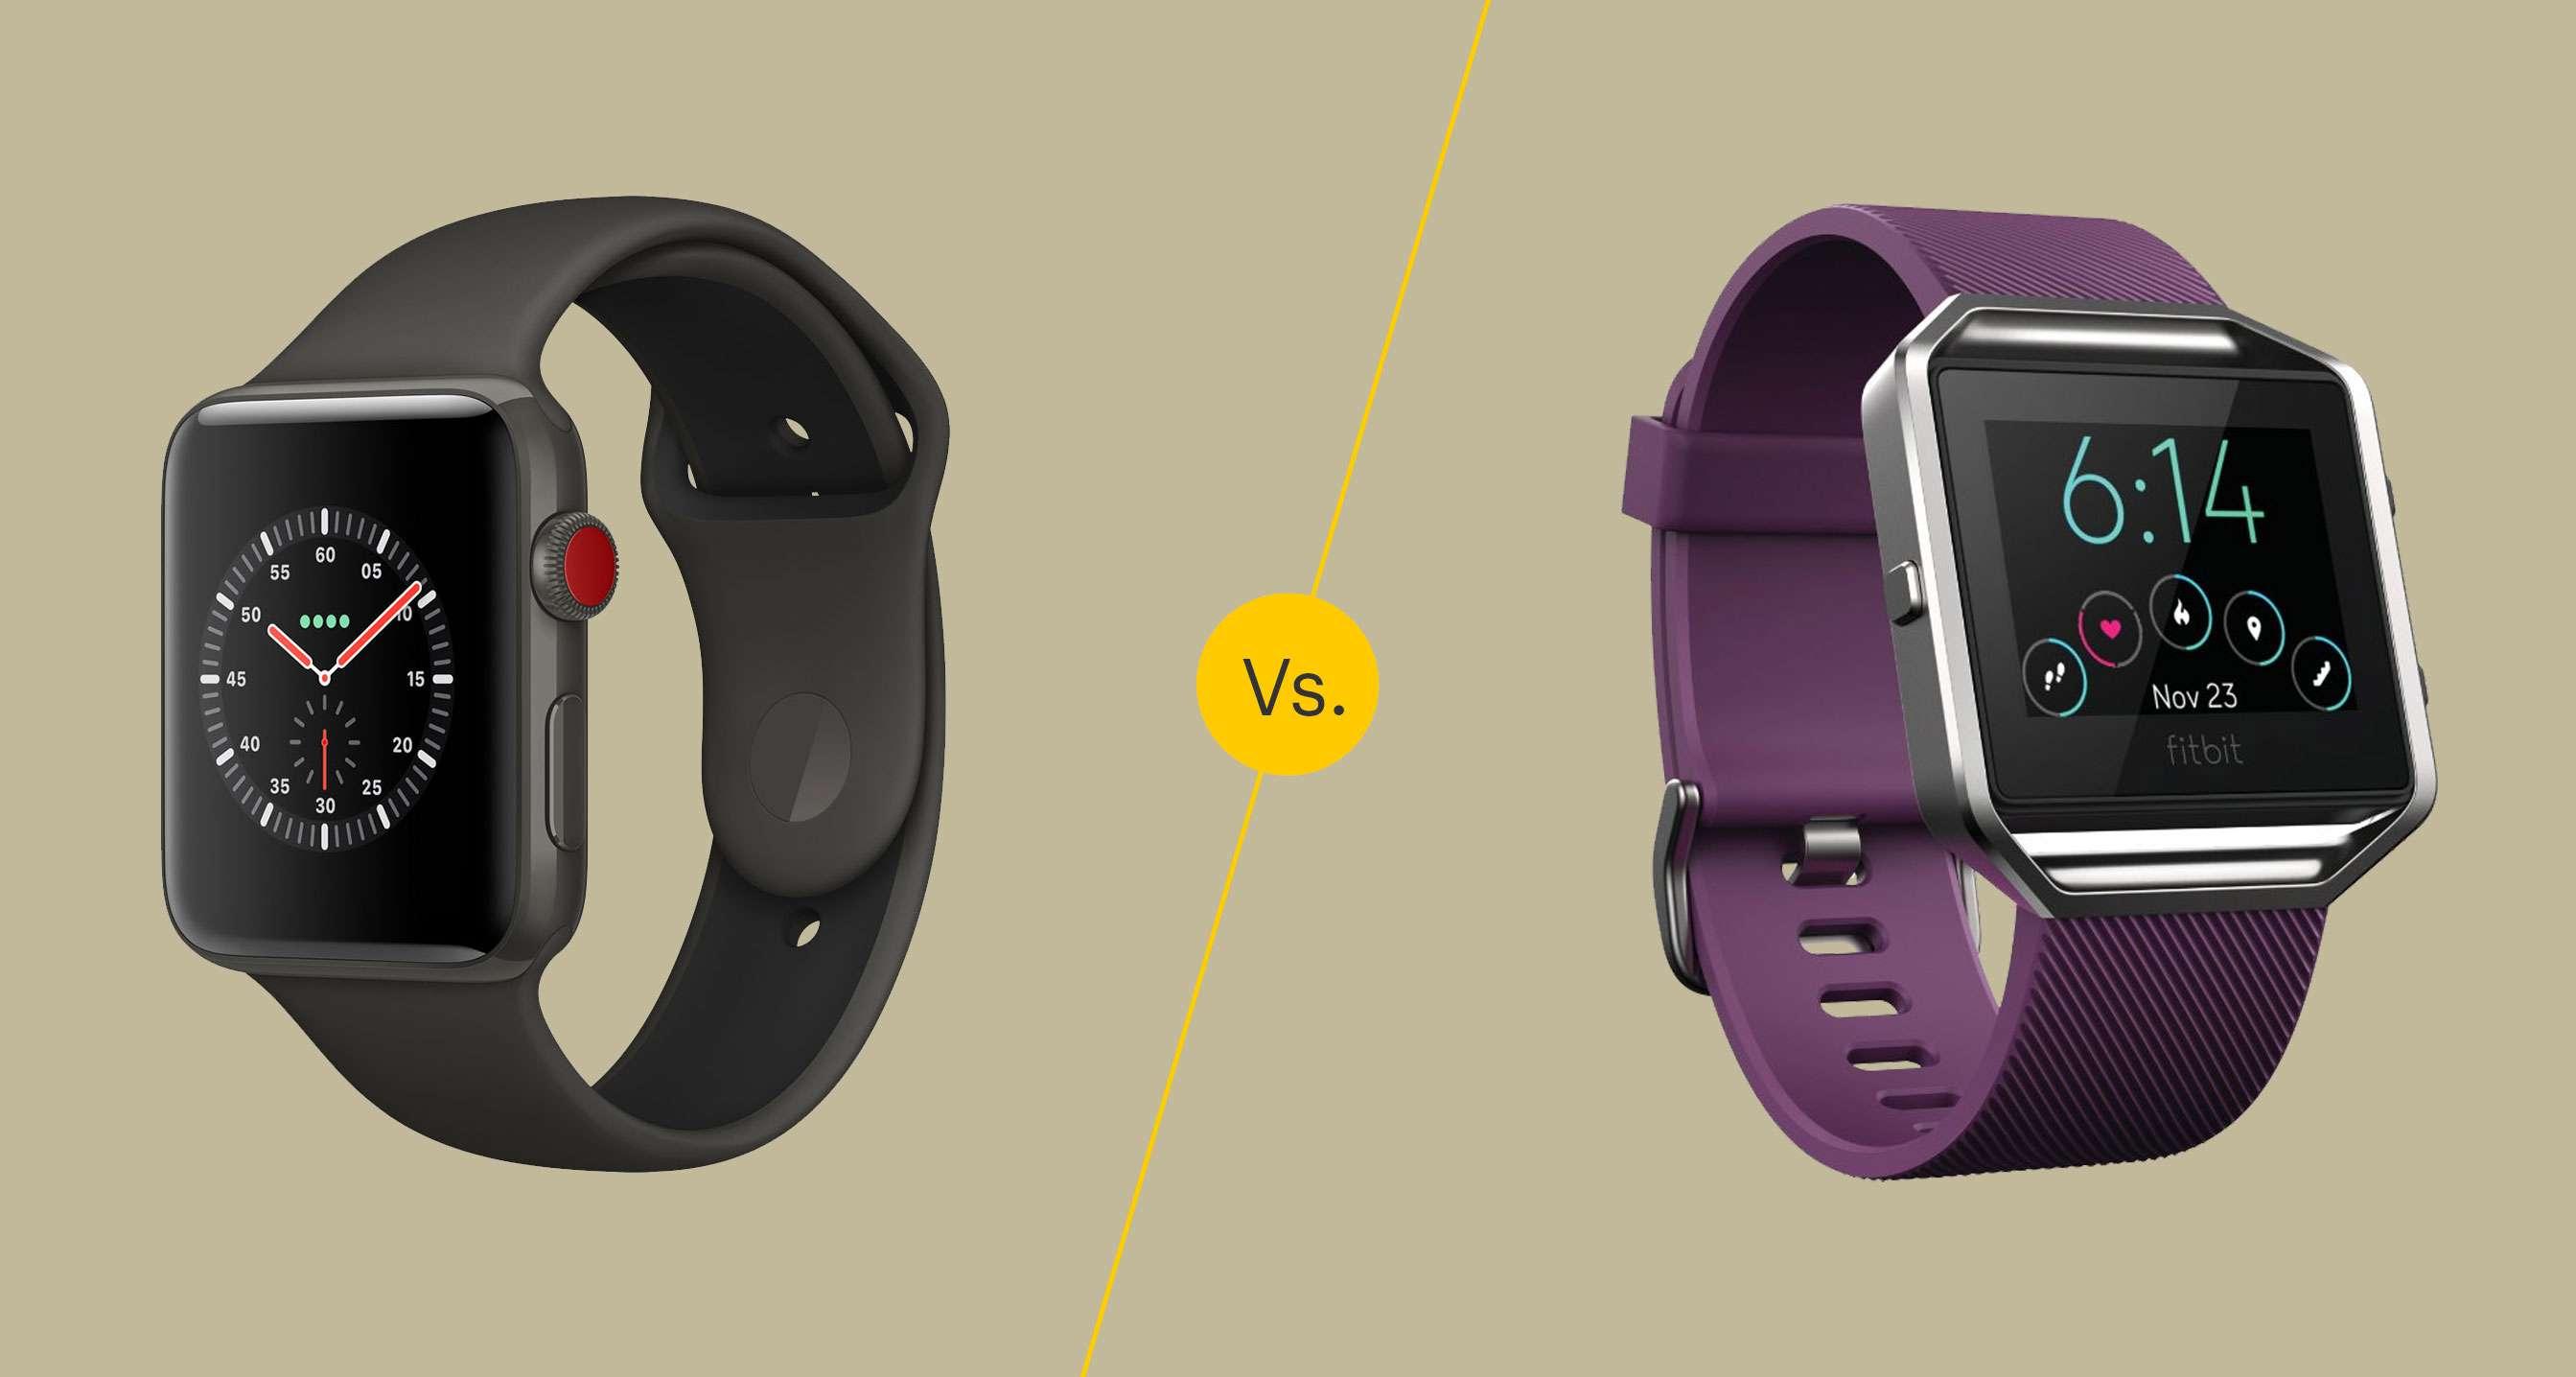 Apple Watch vs Fitbit Blaze